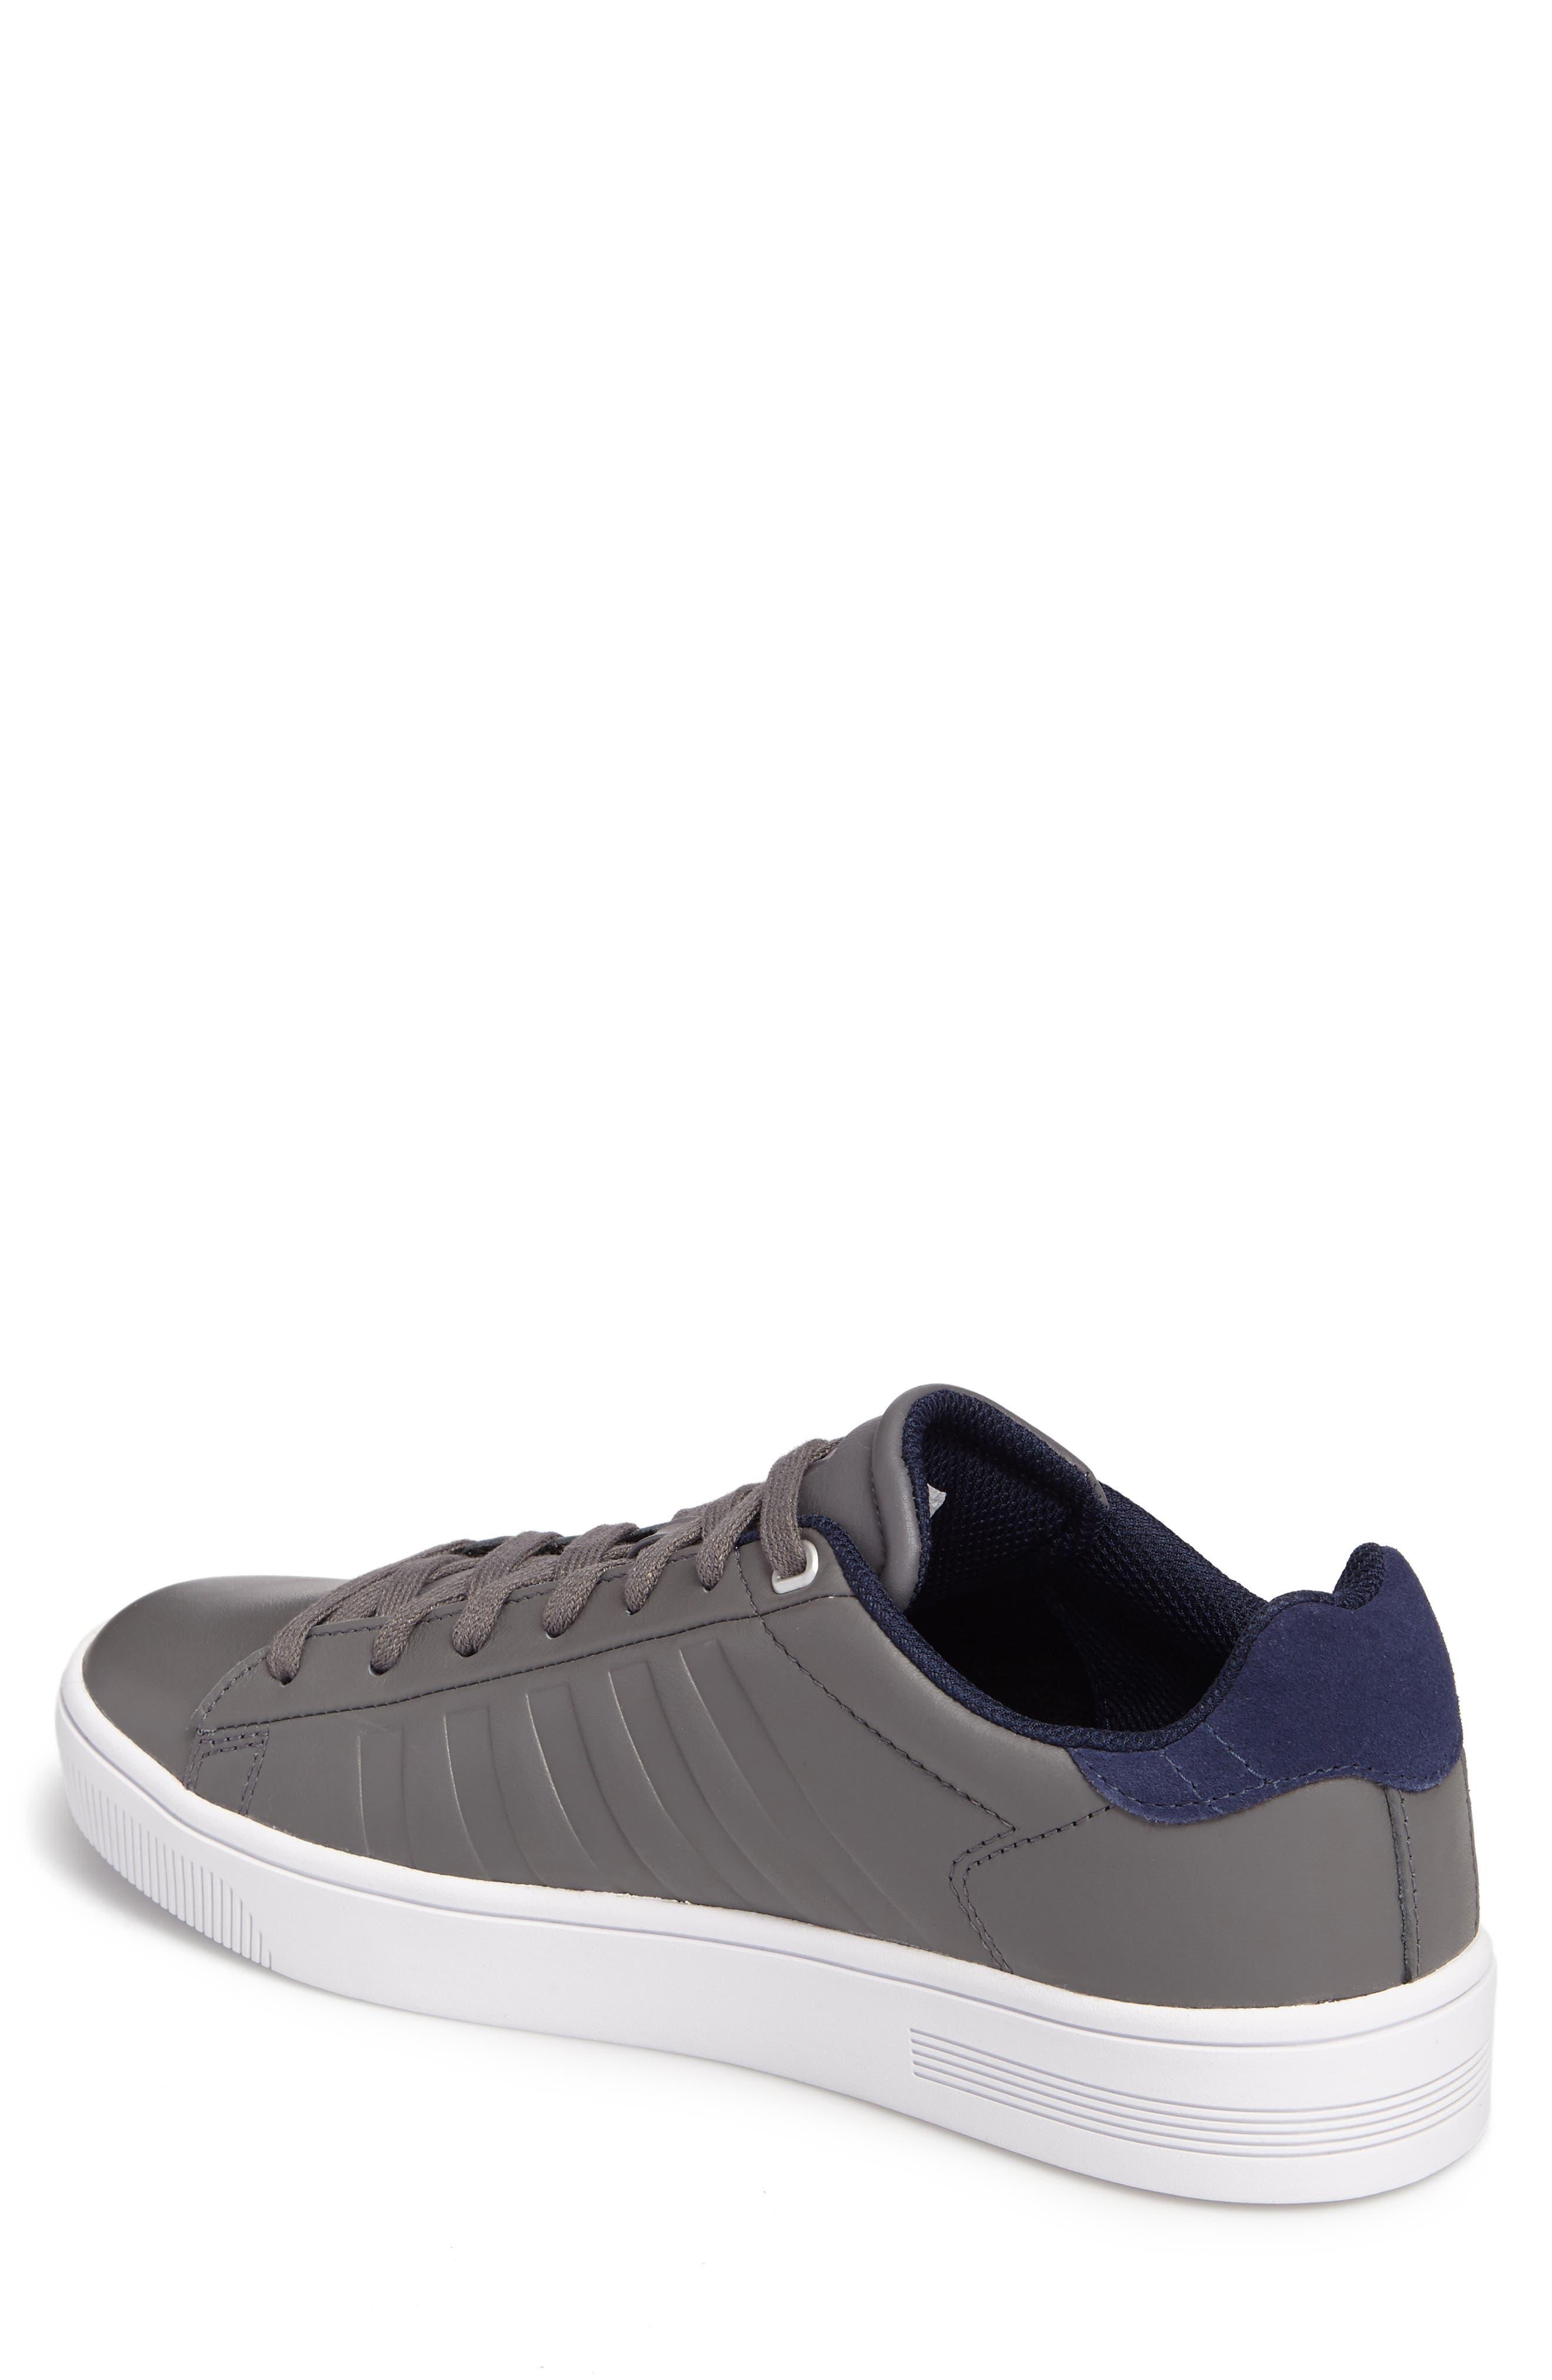 Court Frasco Sneaker,                             Alternate thumbnail 2, color,                             Pewter/ Patriot Blue